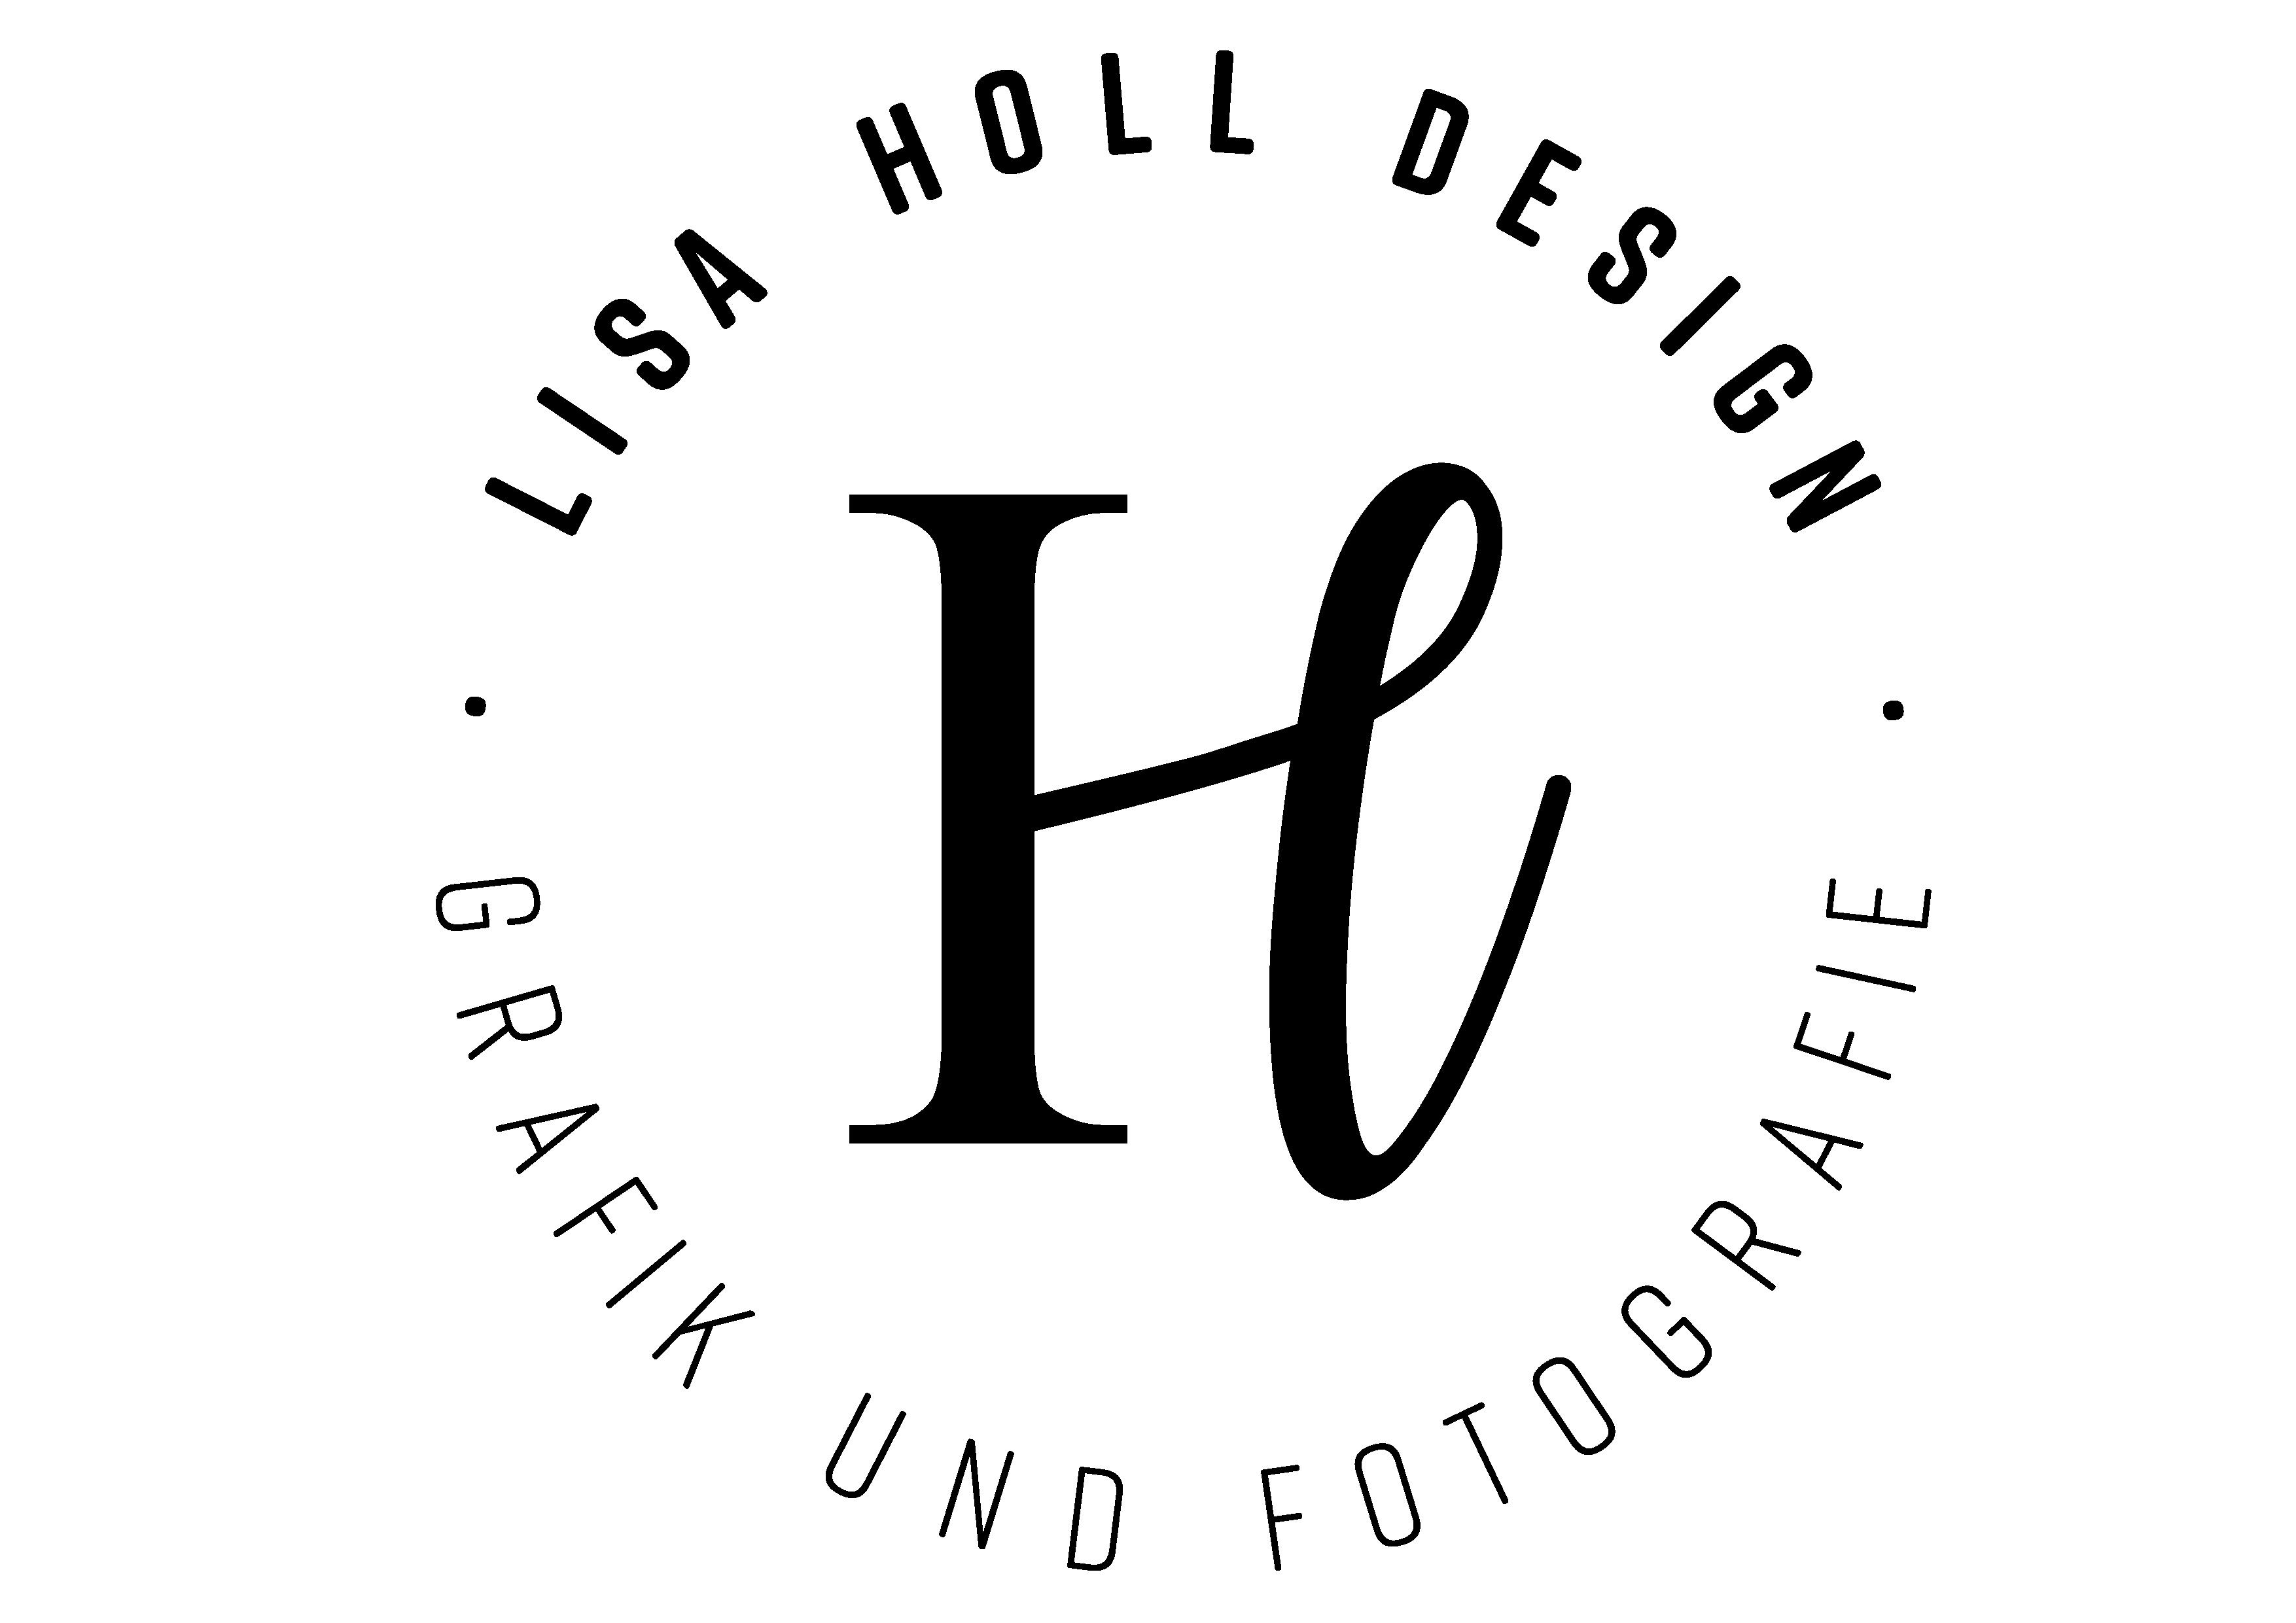 Logo_HOll_Zeichenfläche 1 Kopie 2